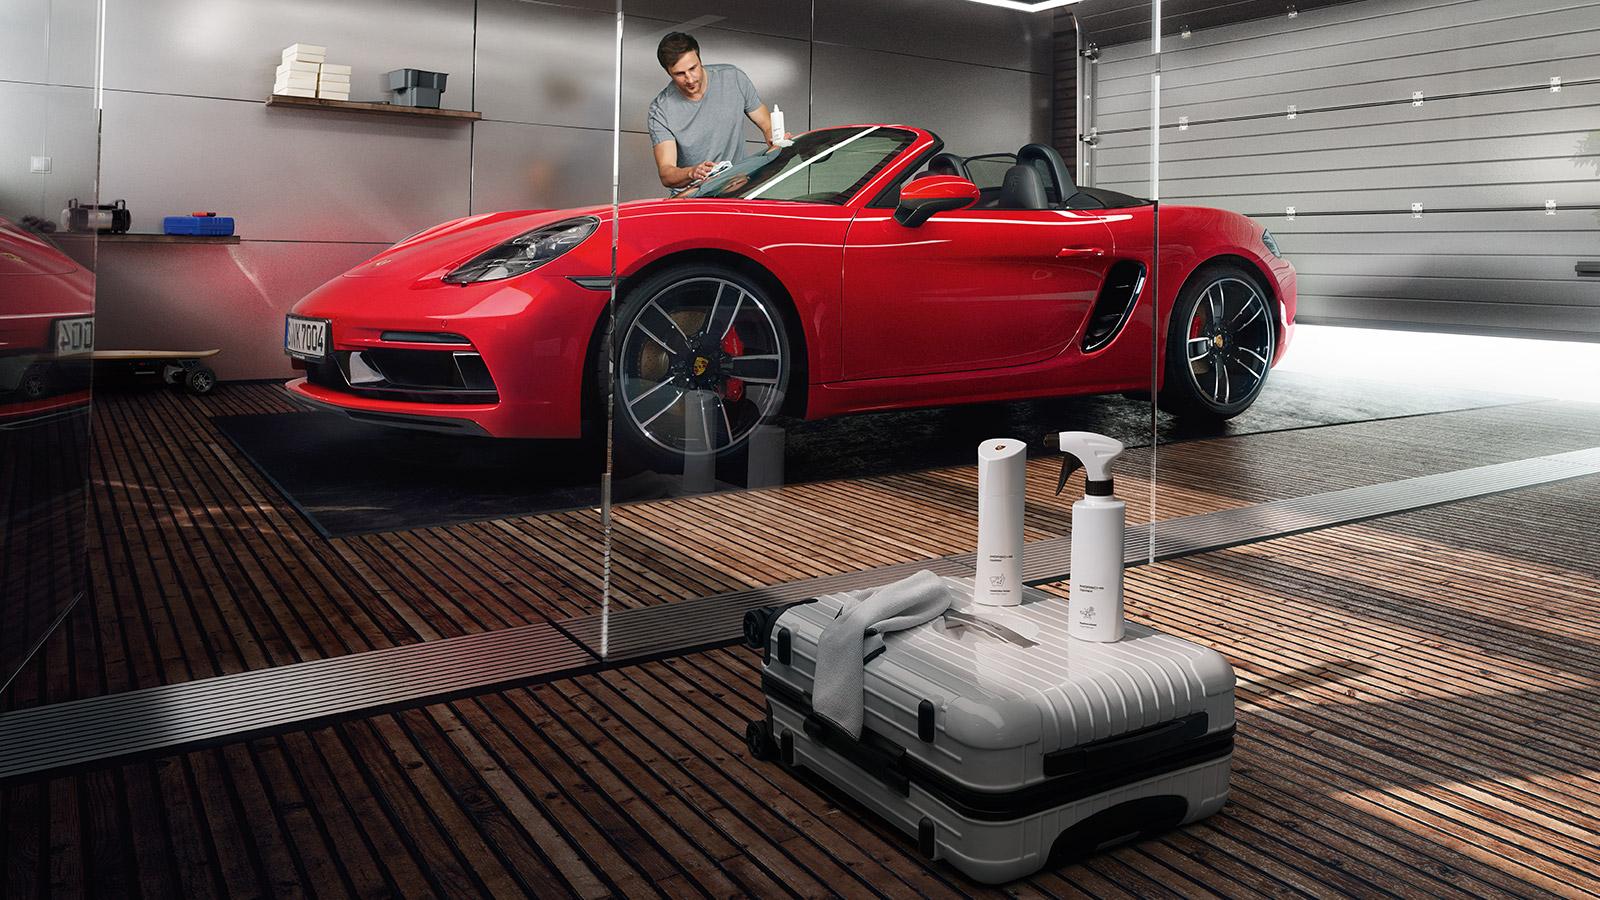 Porsche - Car care